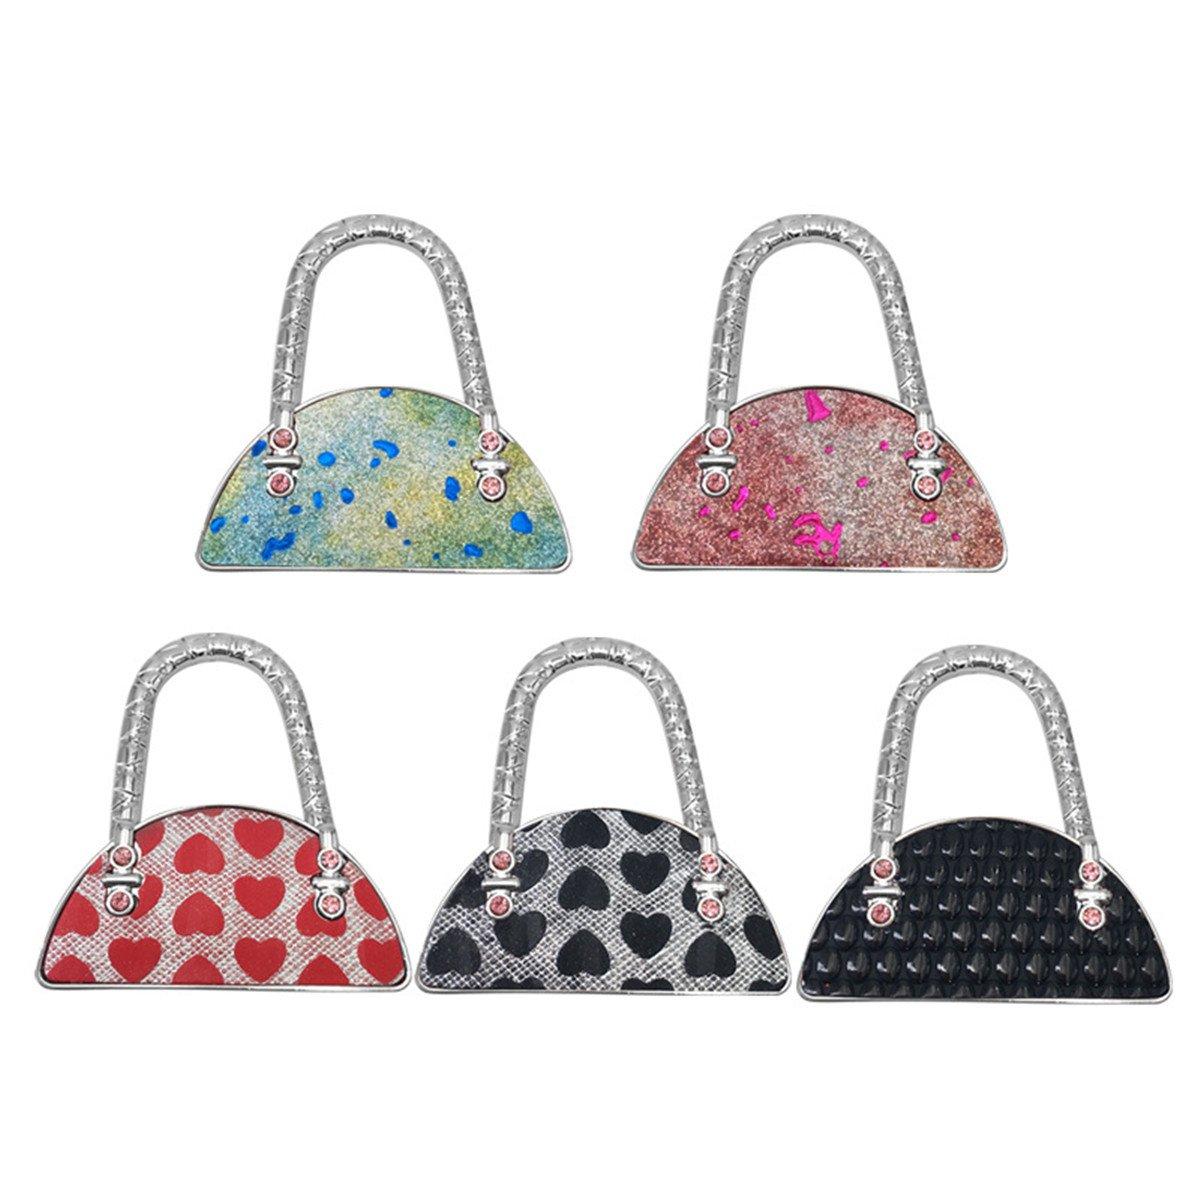 Reizteko Purse Hook,Sector Fan-Shaped Handbnag Foldable Handbag Purse Hanger Hook Holder for Tables (Pack of 5)